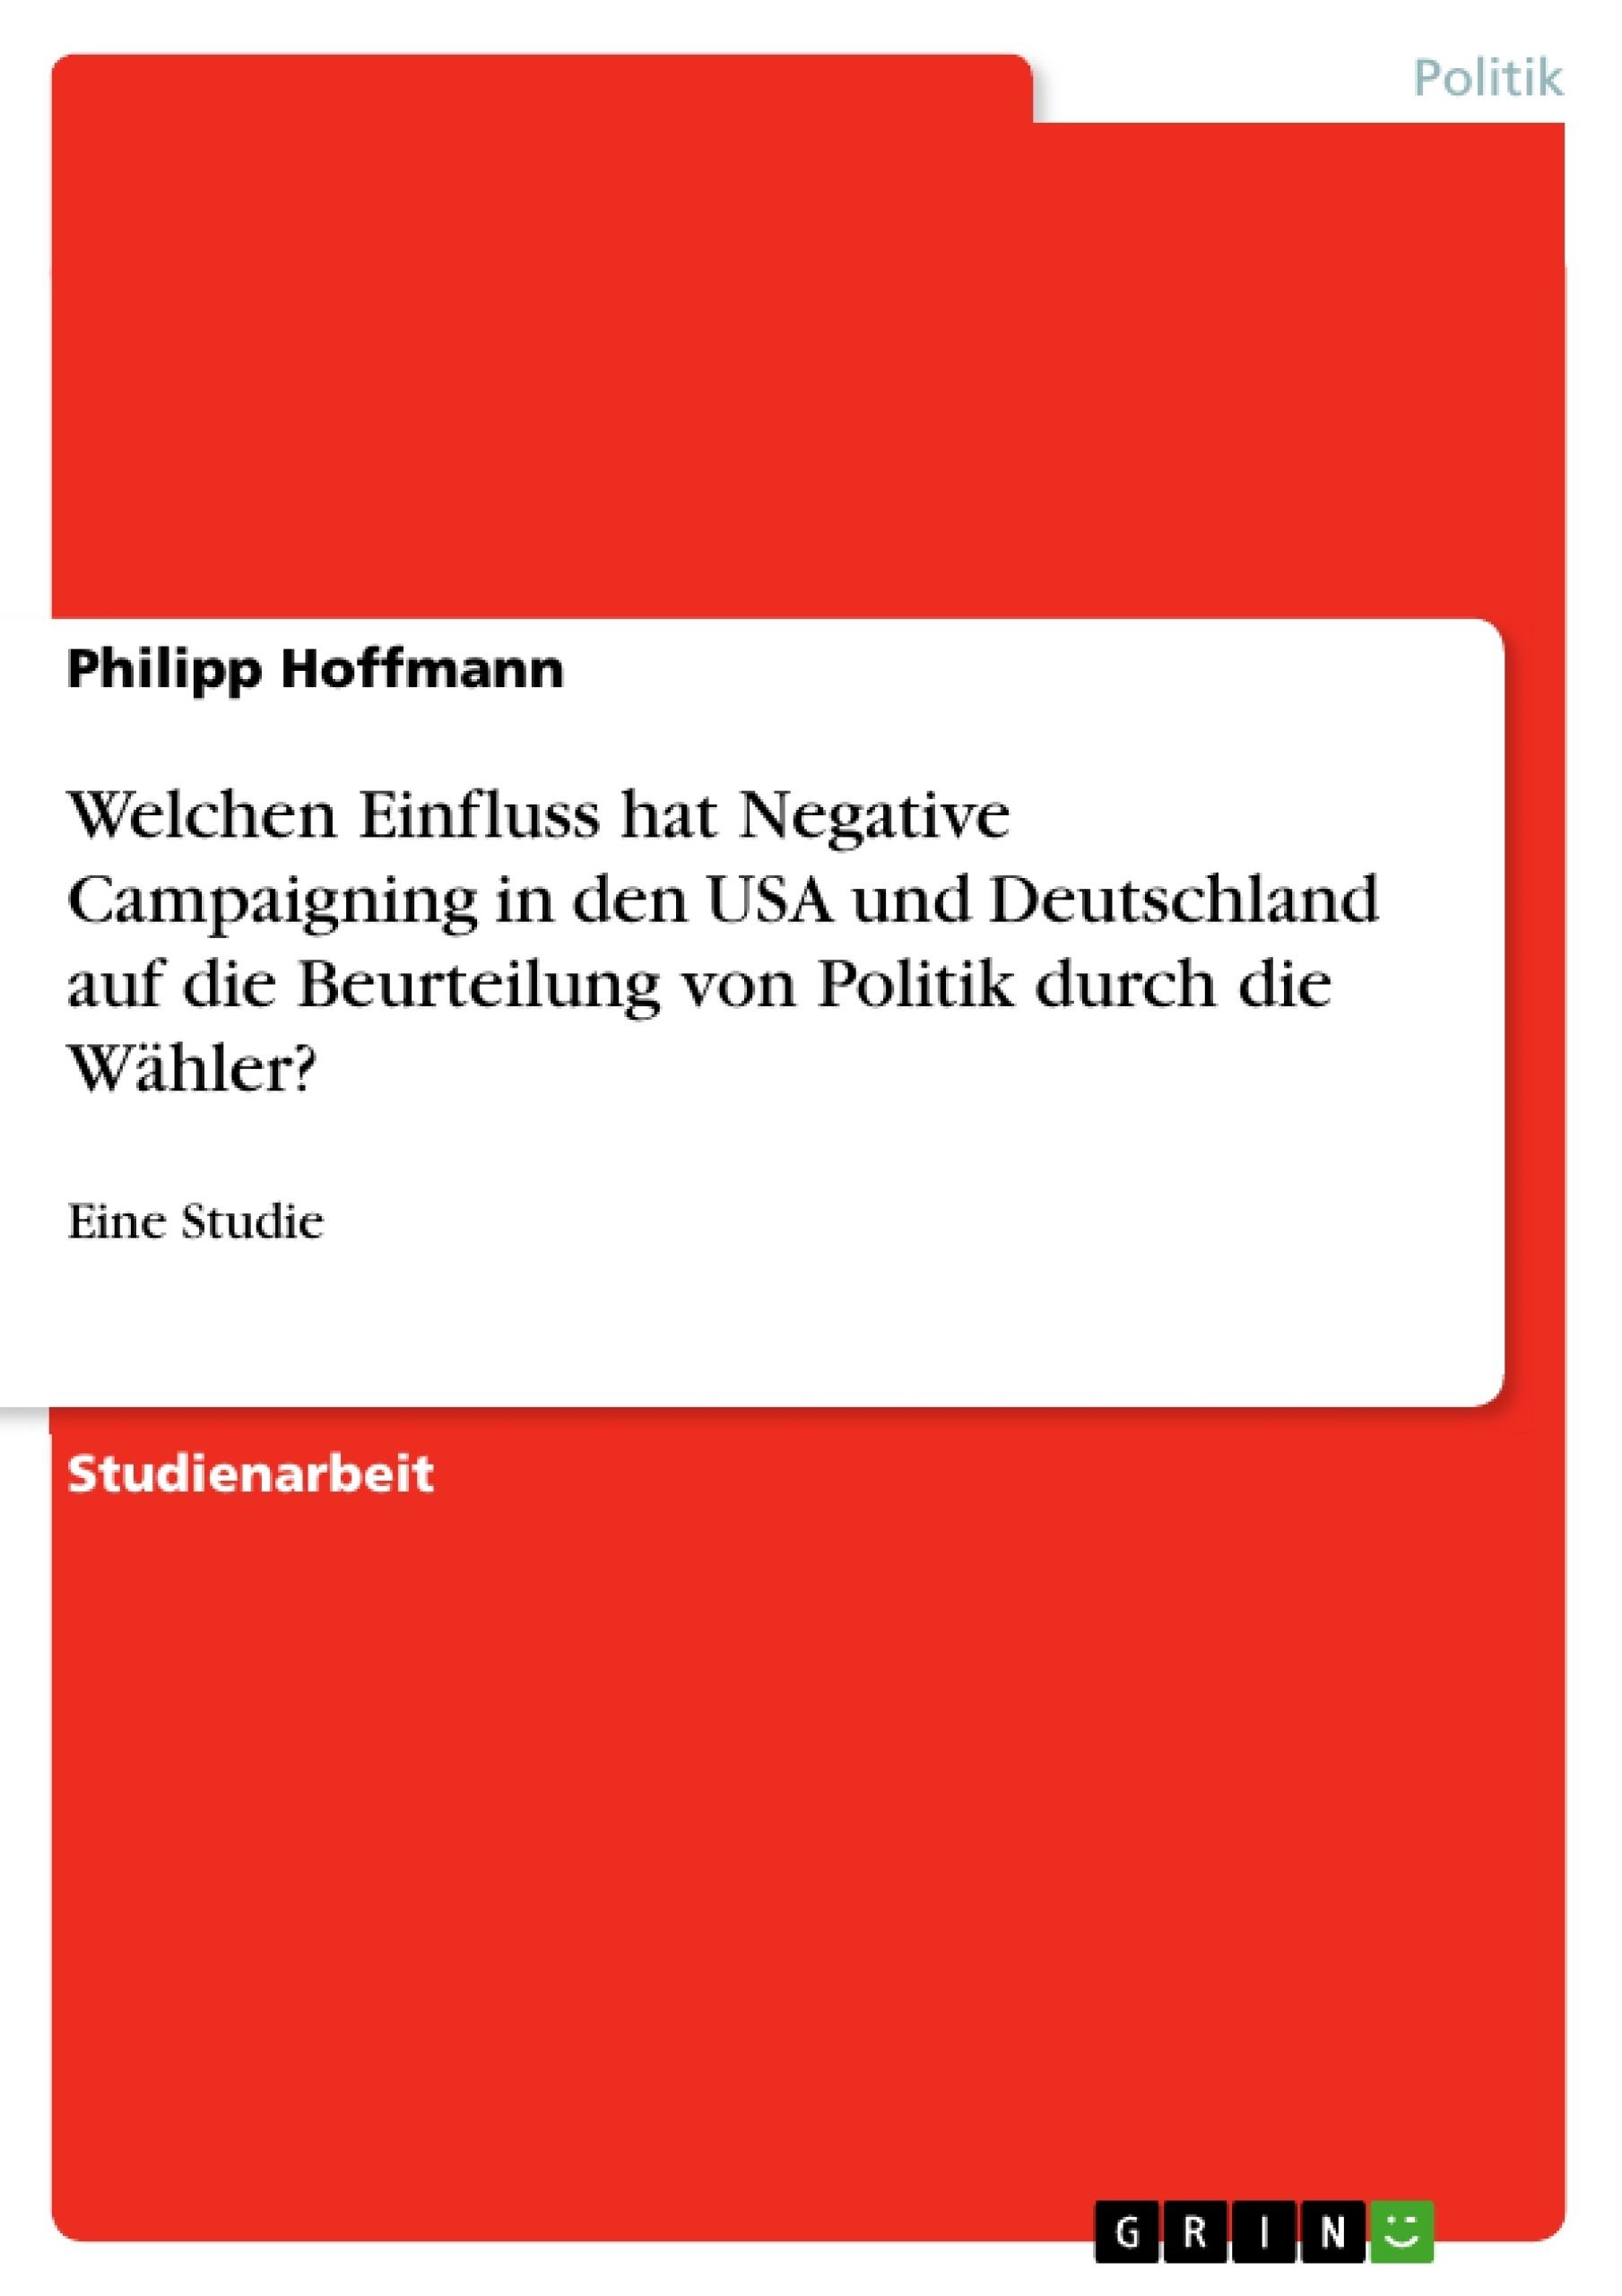 Titel: Welchen Einfluss hat Negative Campaigning in den USA und Deutschland auf die Beurteilung von Politik durch die Wähler?